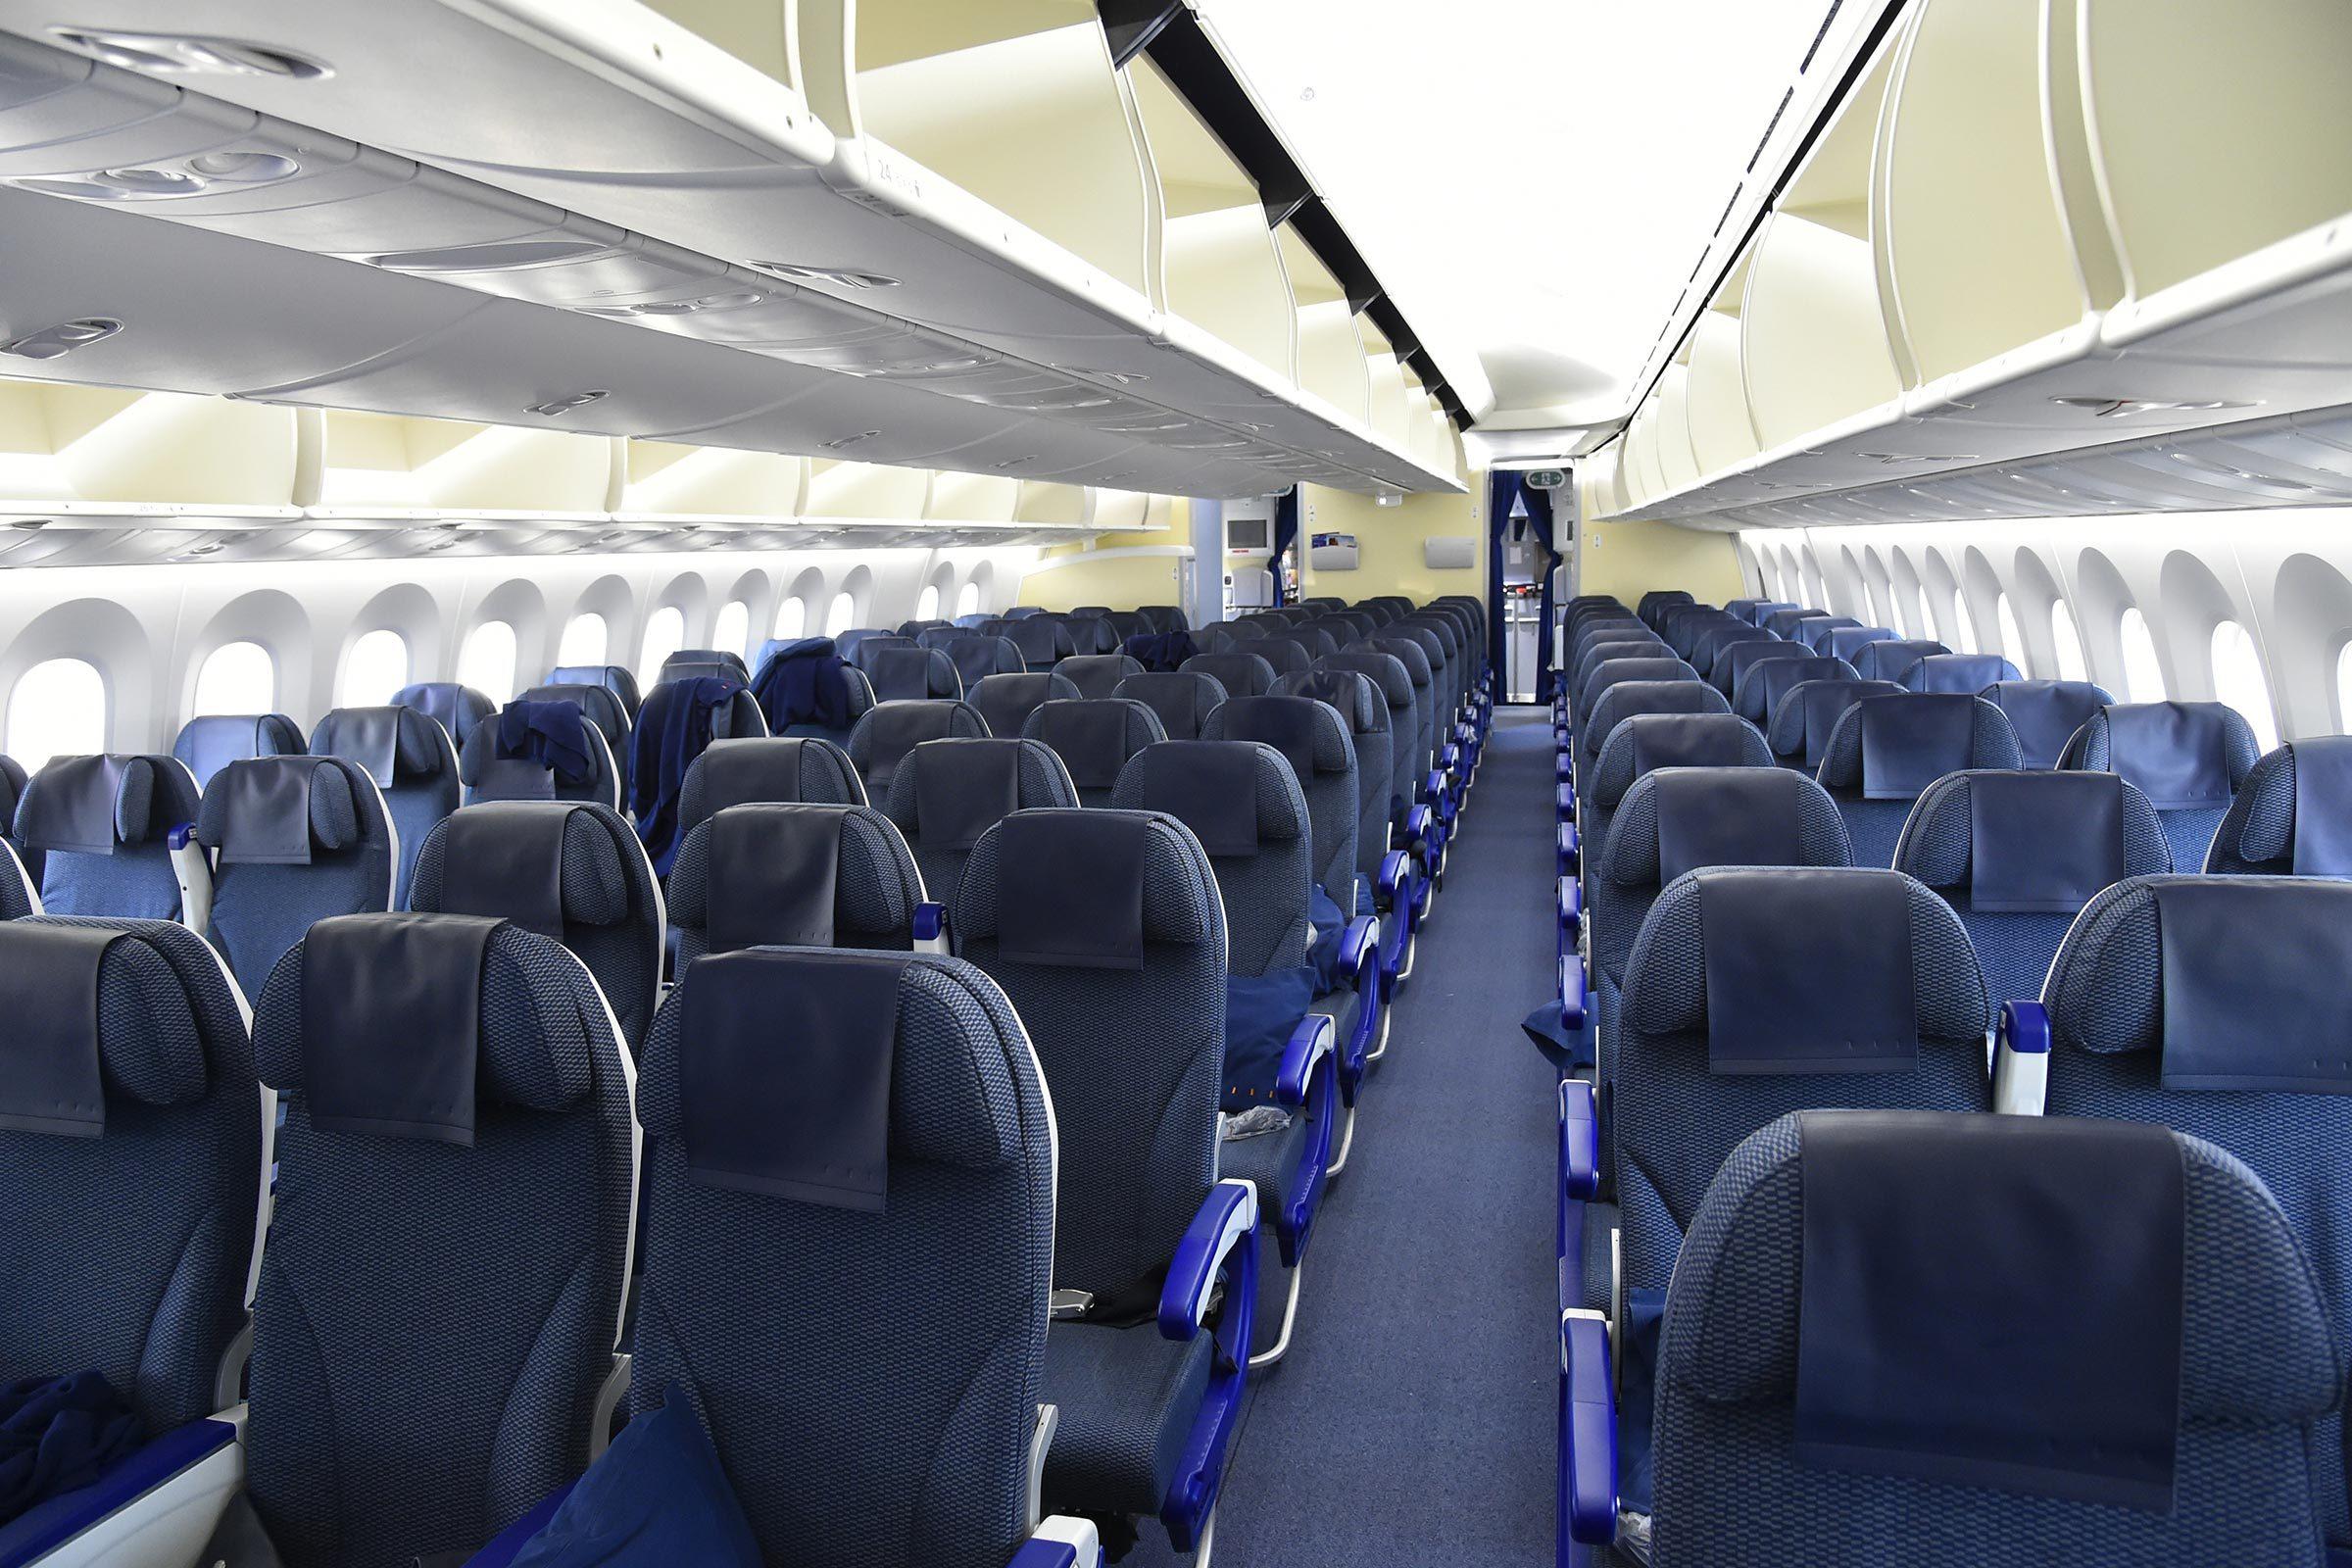 plane aisle